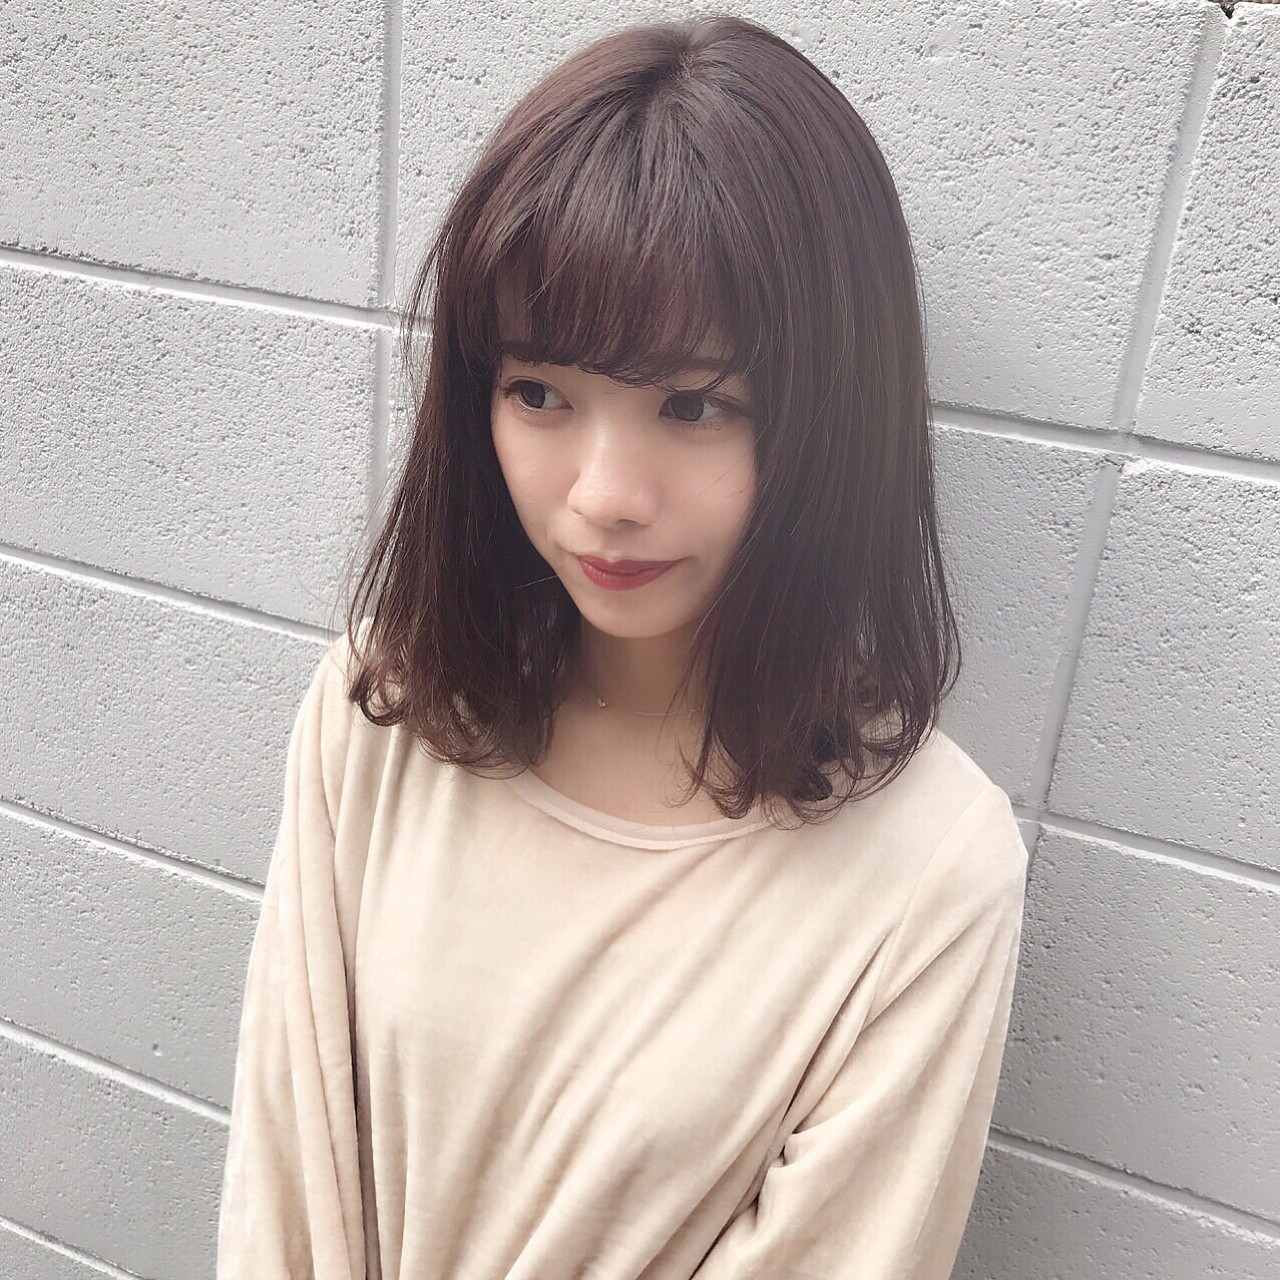 ハイライト ミディアム ガーリー ショート ヘアスタイルや髪型の写真・画像